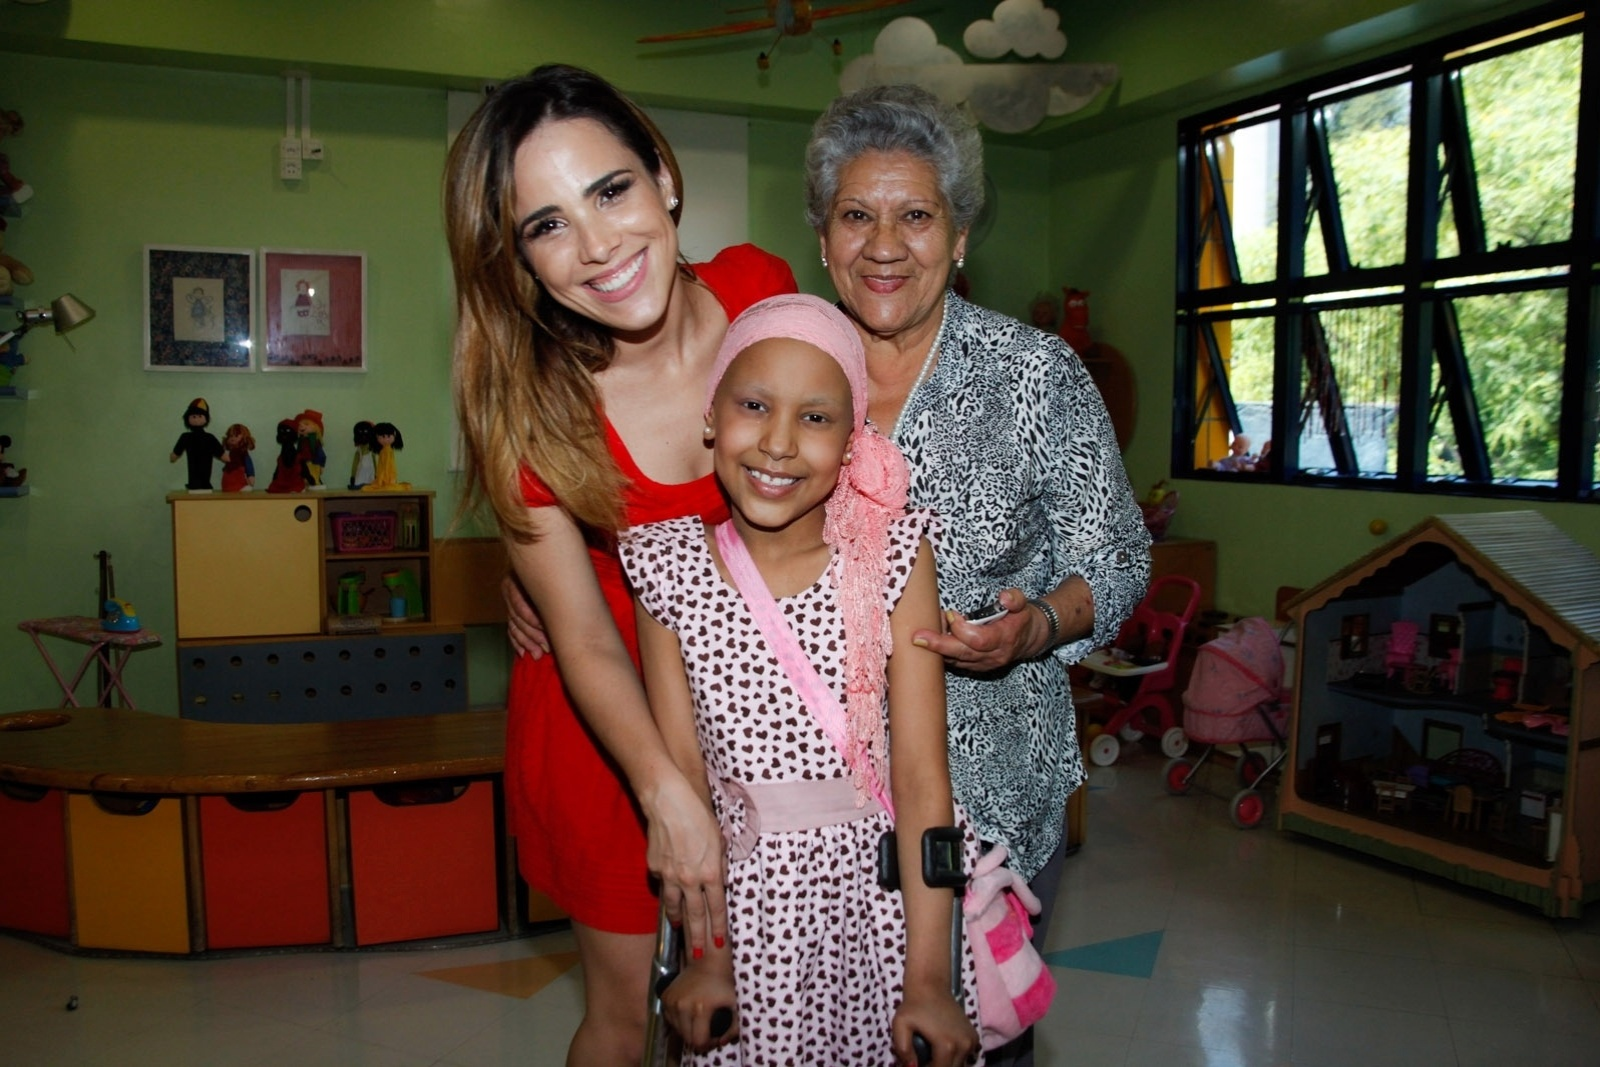 21.nov.2013 - Na manhã desta quinta, Wanessa Camargo, que está grávida pela segunda vez, visitou crianças em tratamento contra o câncer no Hospital do GRAACC, no bairro da Vila Clementino, em São Paulo. Durante a visita, a cantora posou para fotos com os pacientes